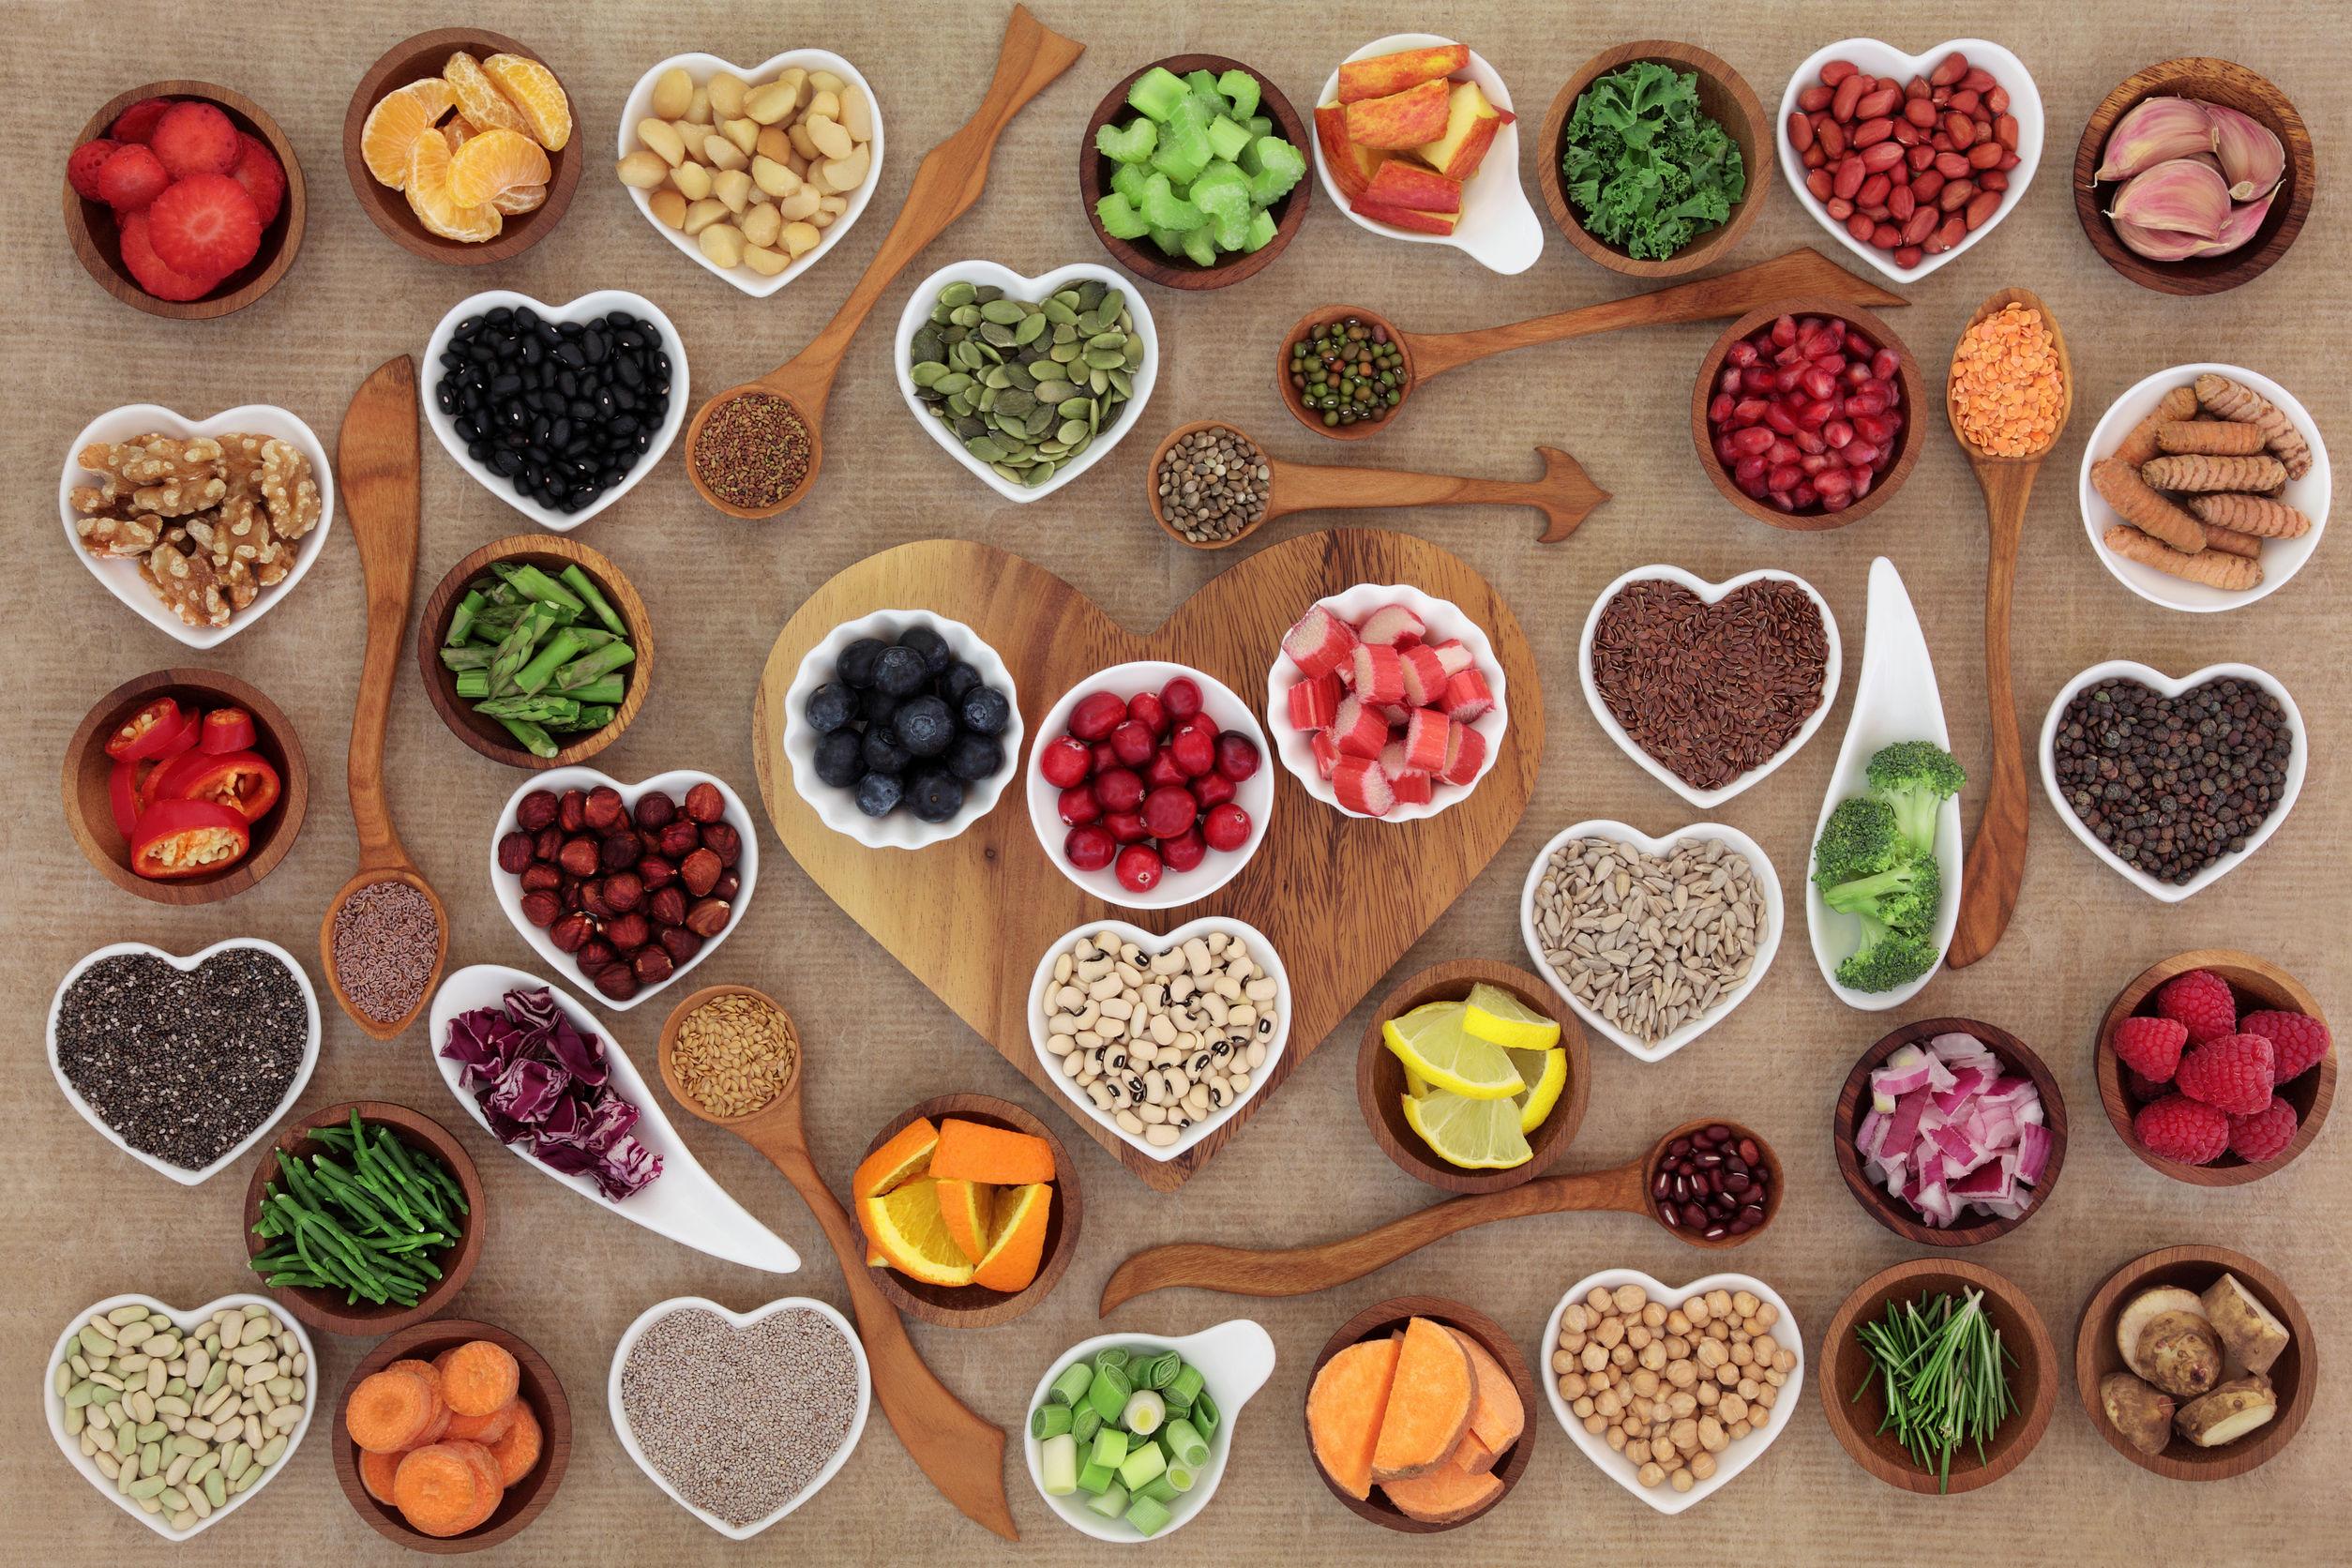 voedingsmiddelen die rijk zijn aan mineralen